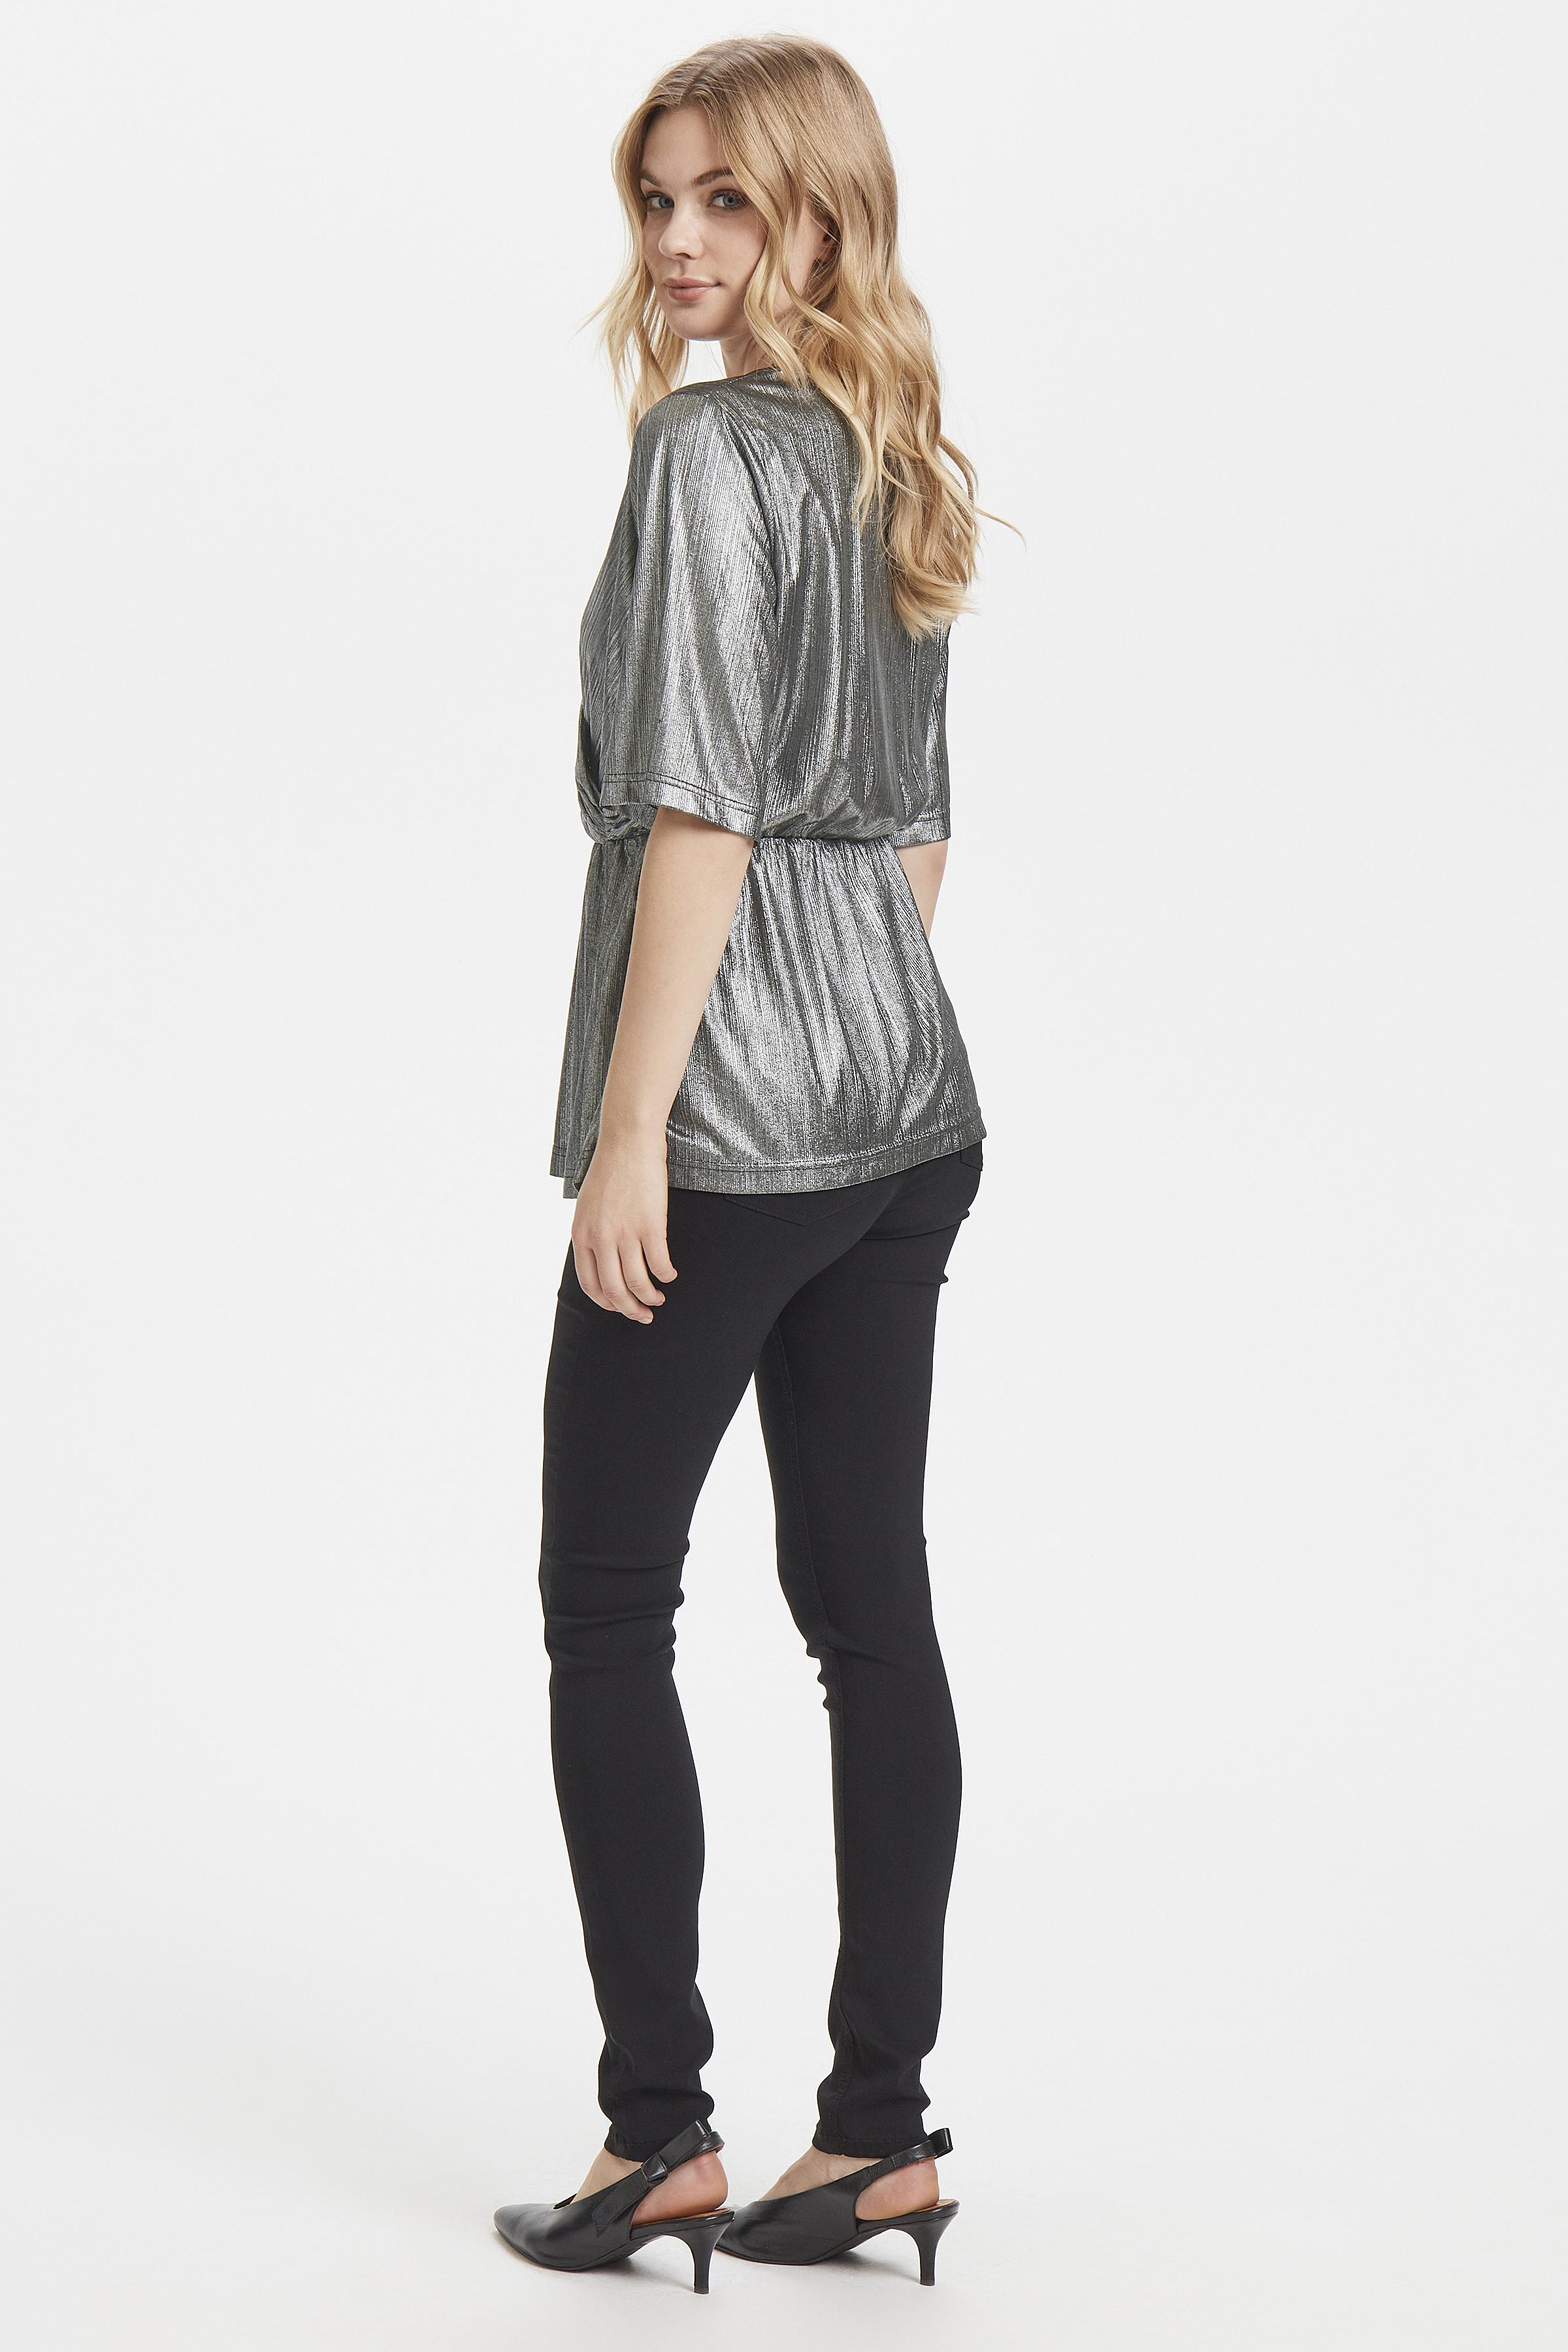 Dull Silver Langærmet T-shirt fra b.young – Køb Dull Silver Langærmet T-shirt fra str. XS-XL her